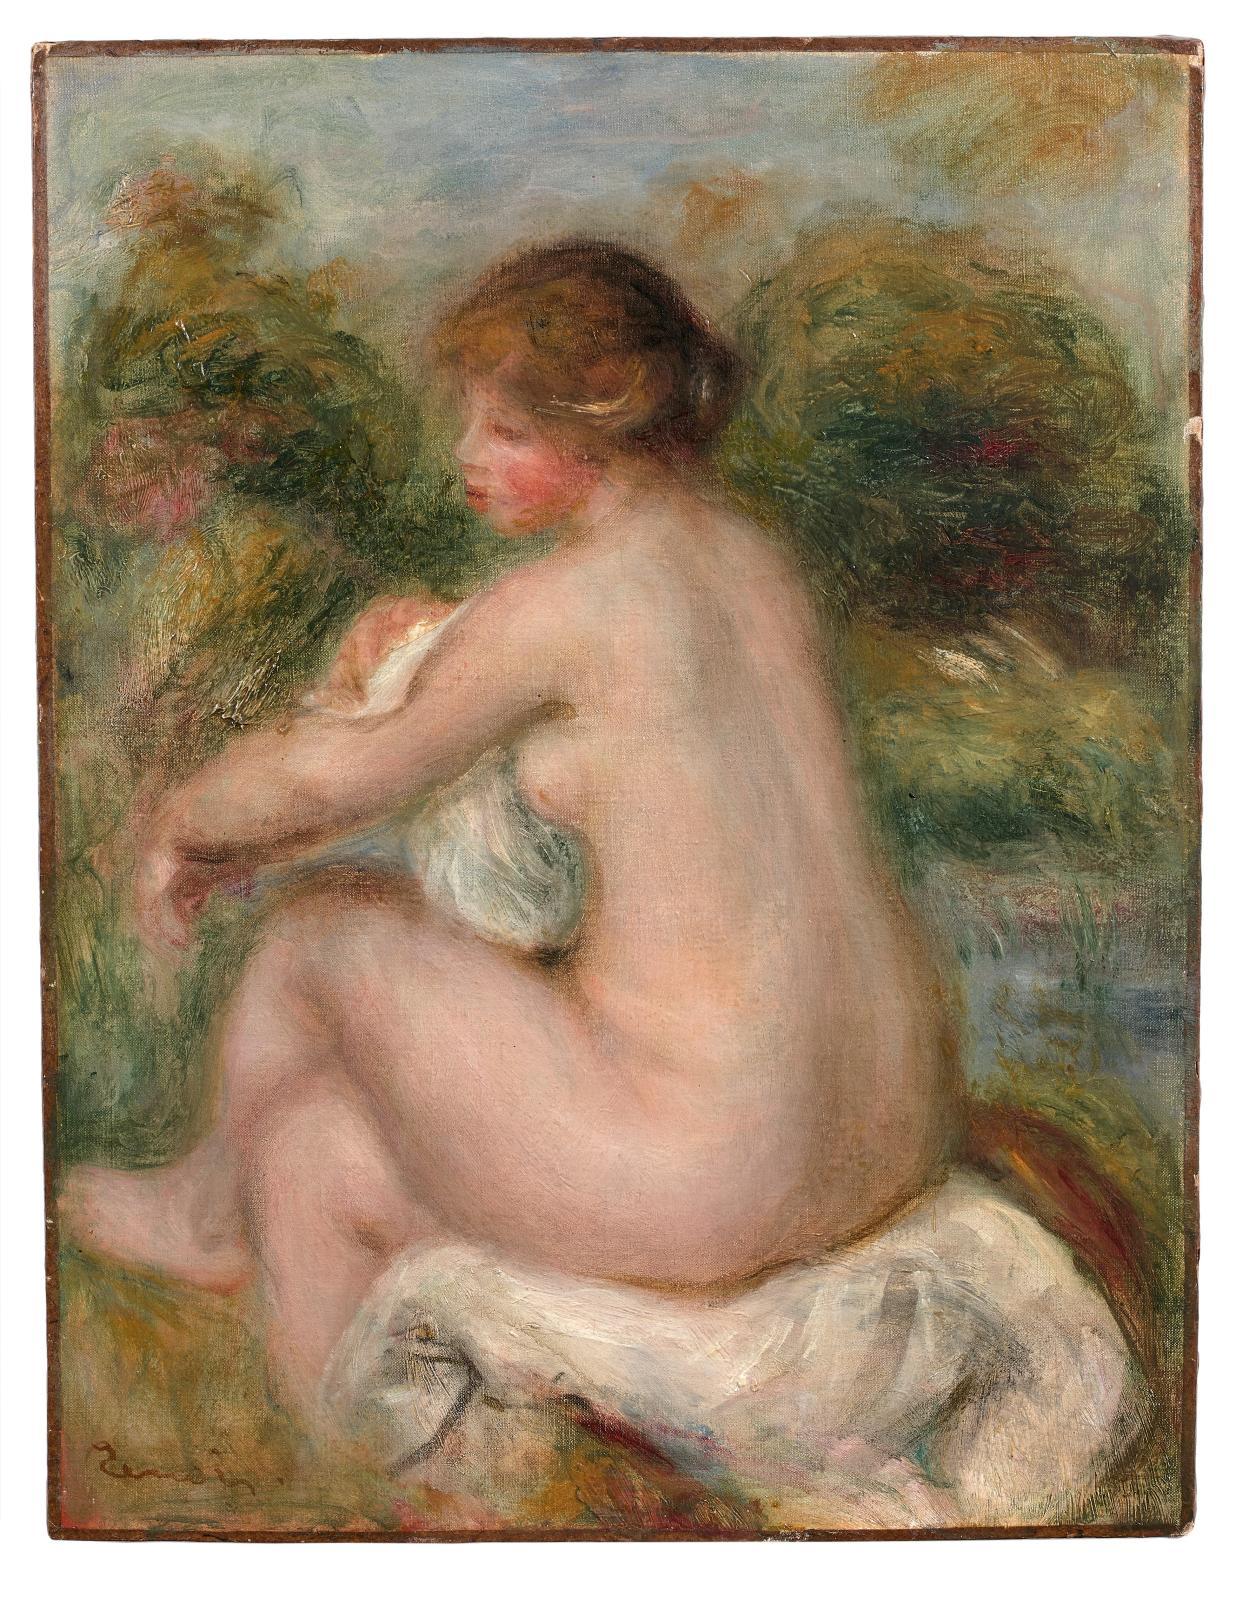 La palme de la victoire n'échappait pas à cette délicieuse Baigneuse assise(35,3x27,2cm), peinte vers 1905 par Pierre-Auguste Renoir(